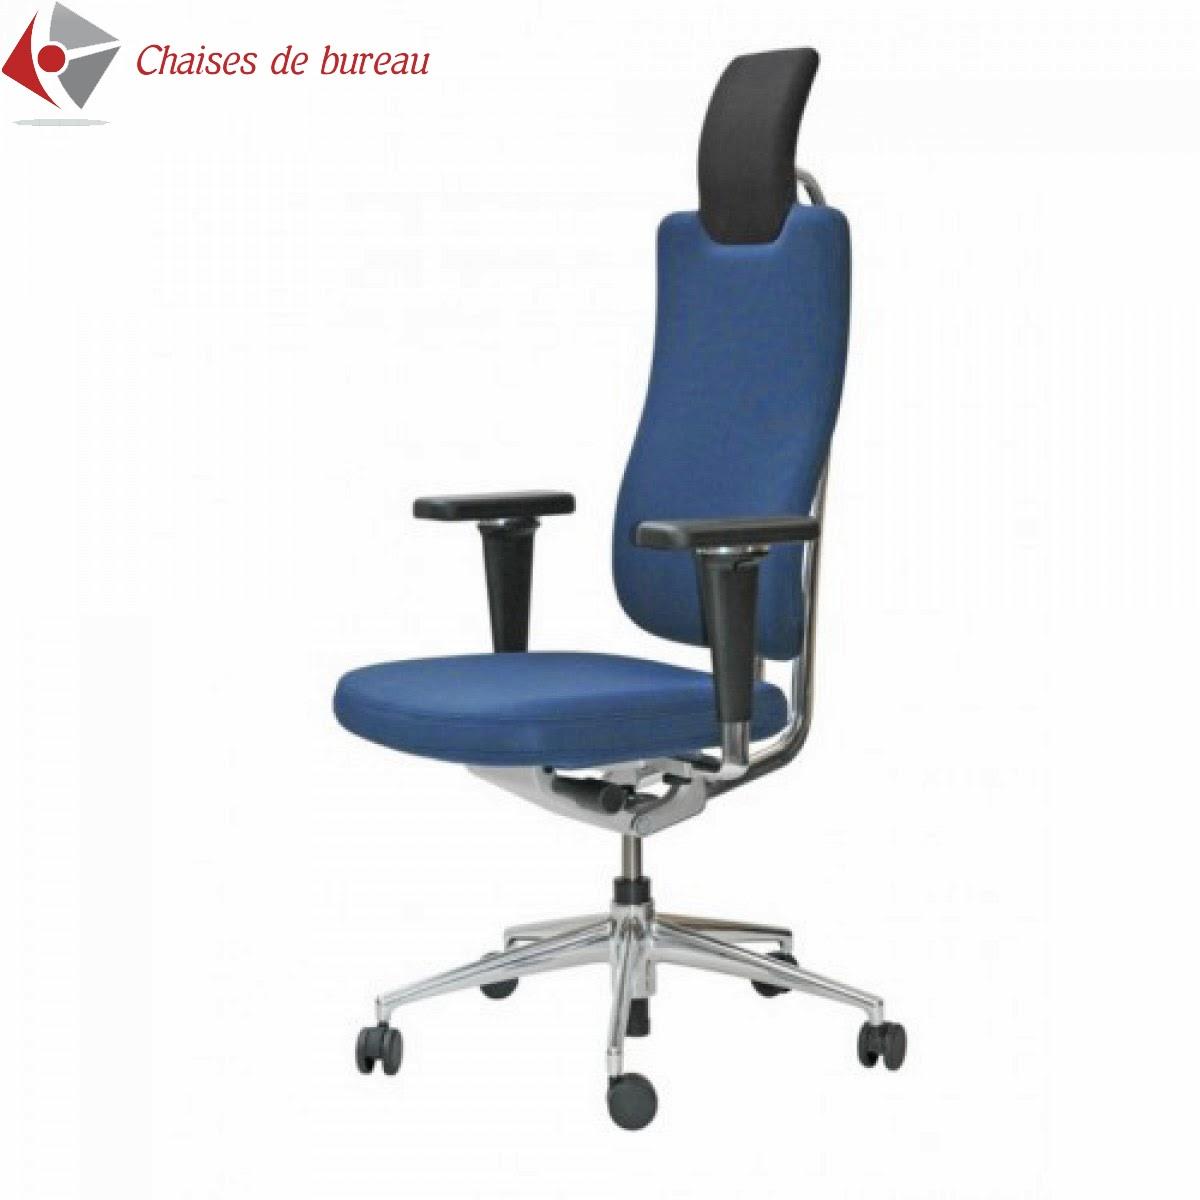 Chaises de bureau - Chaise qui se balance ...